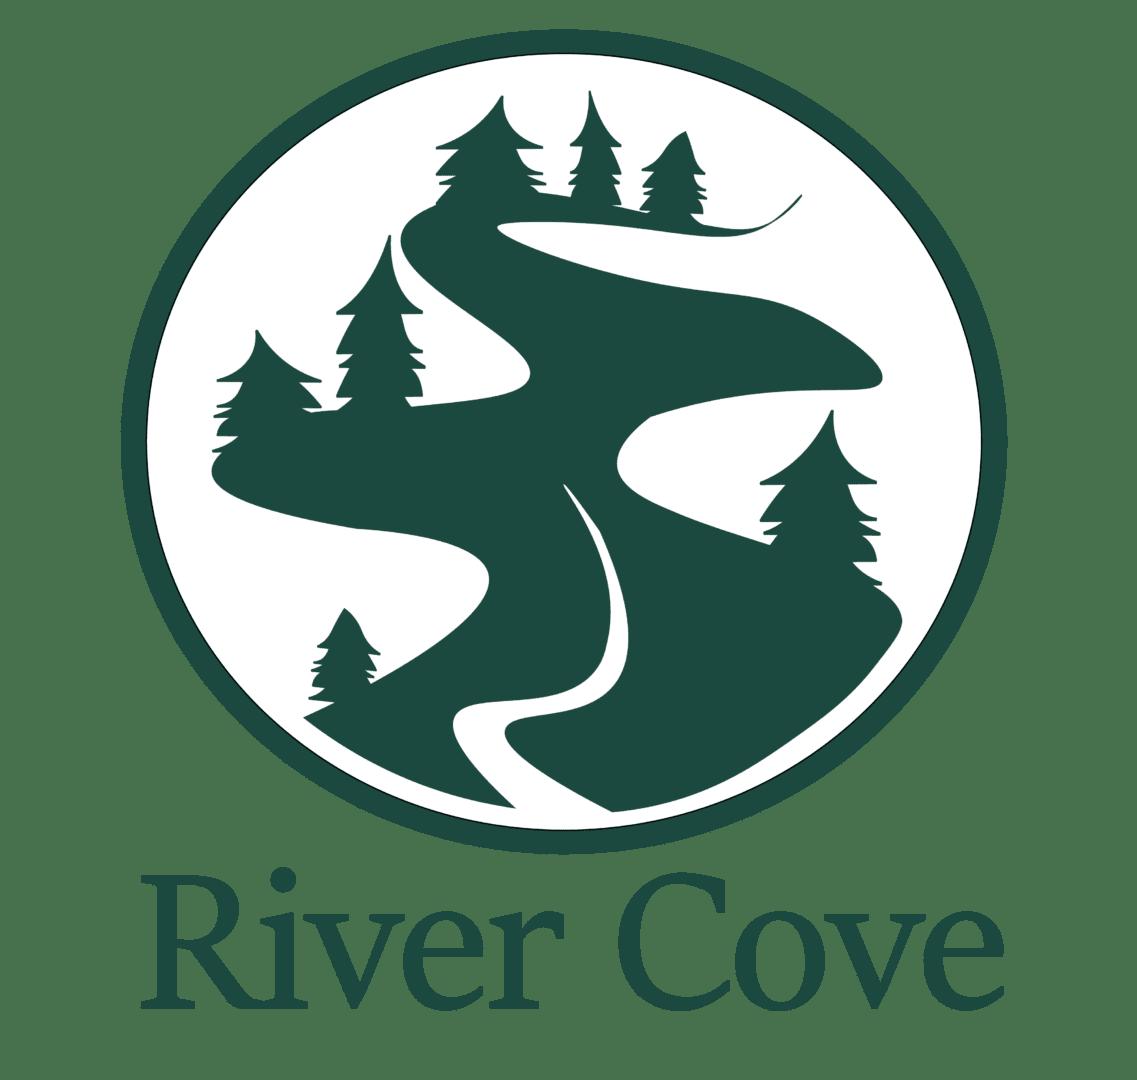 River Cove